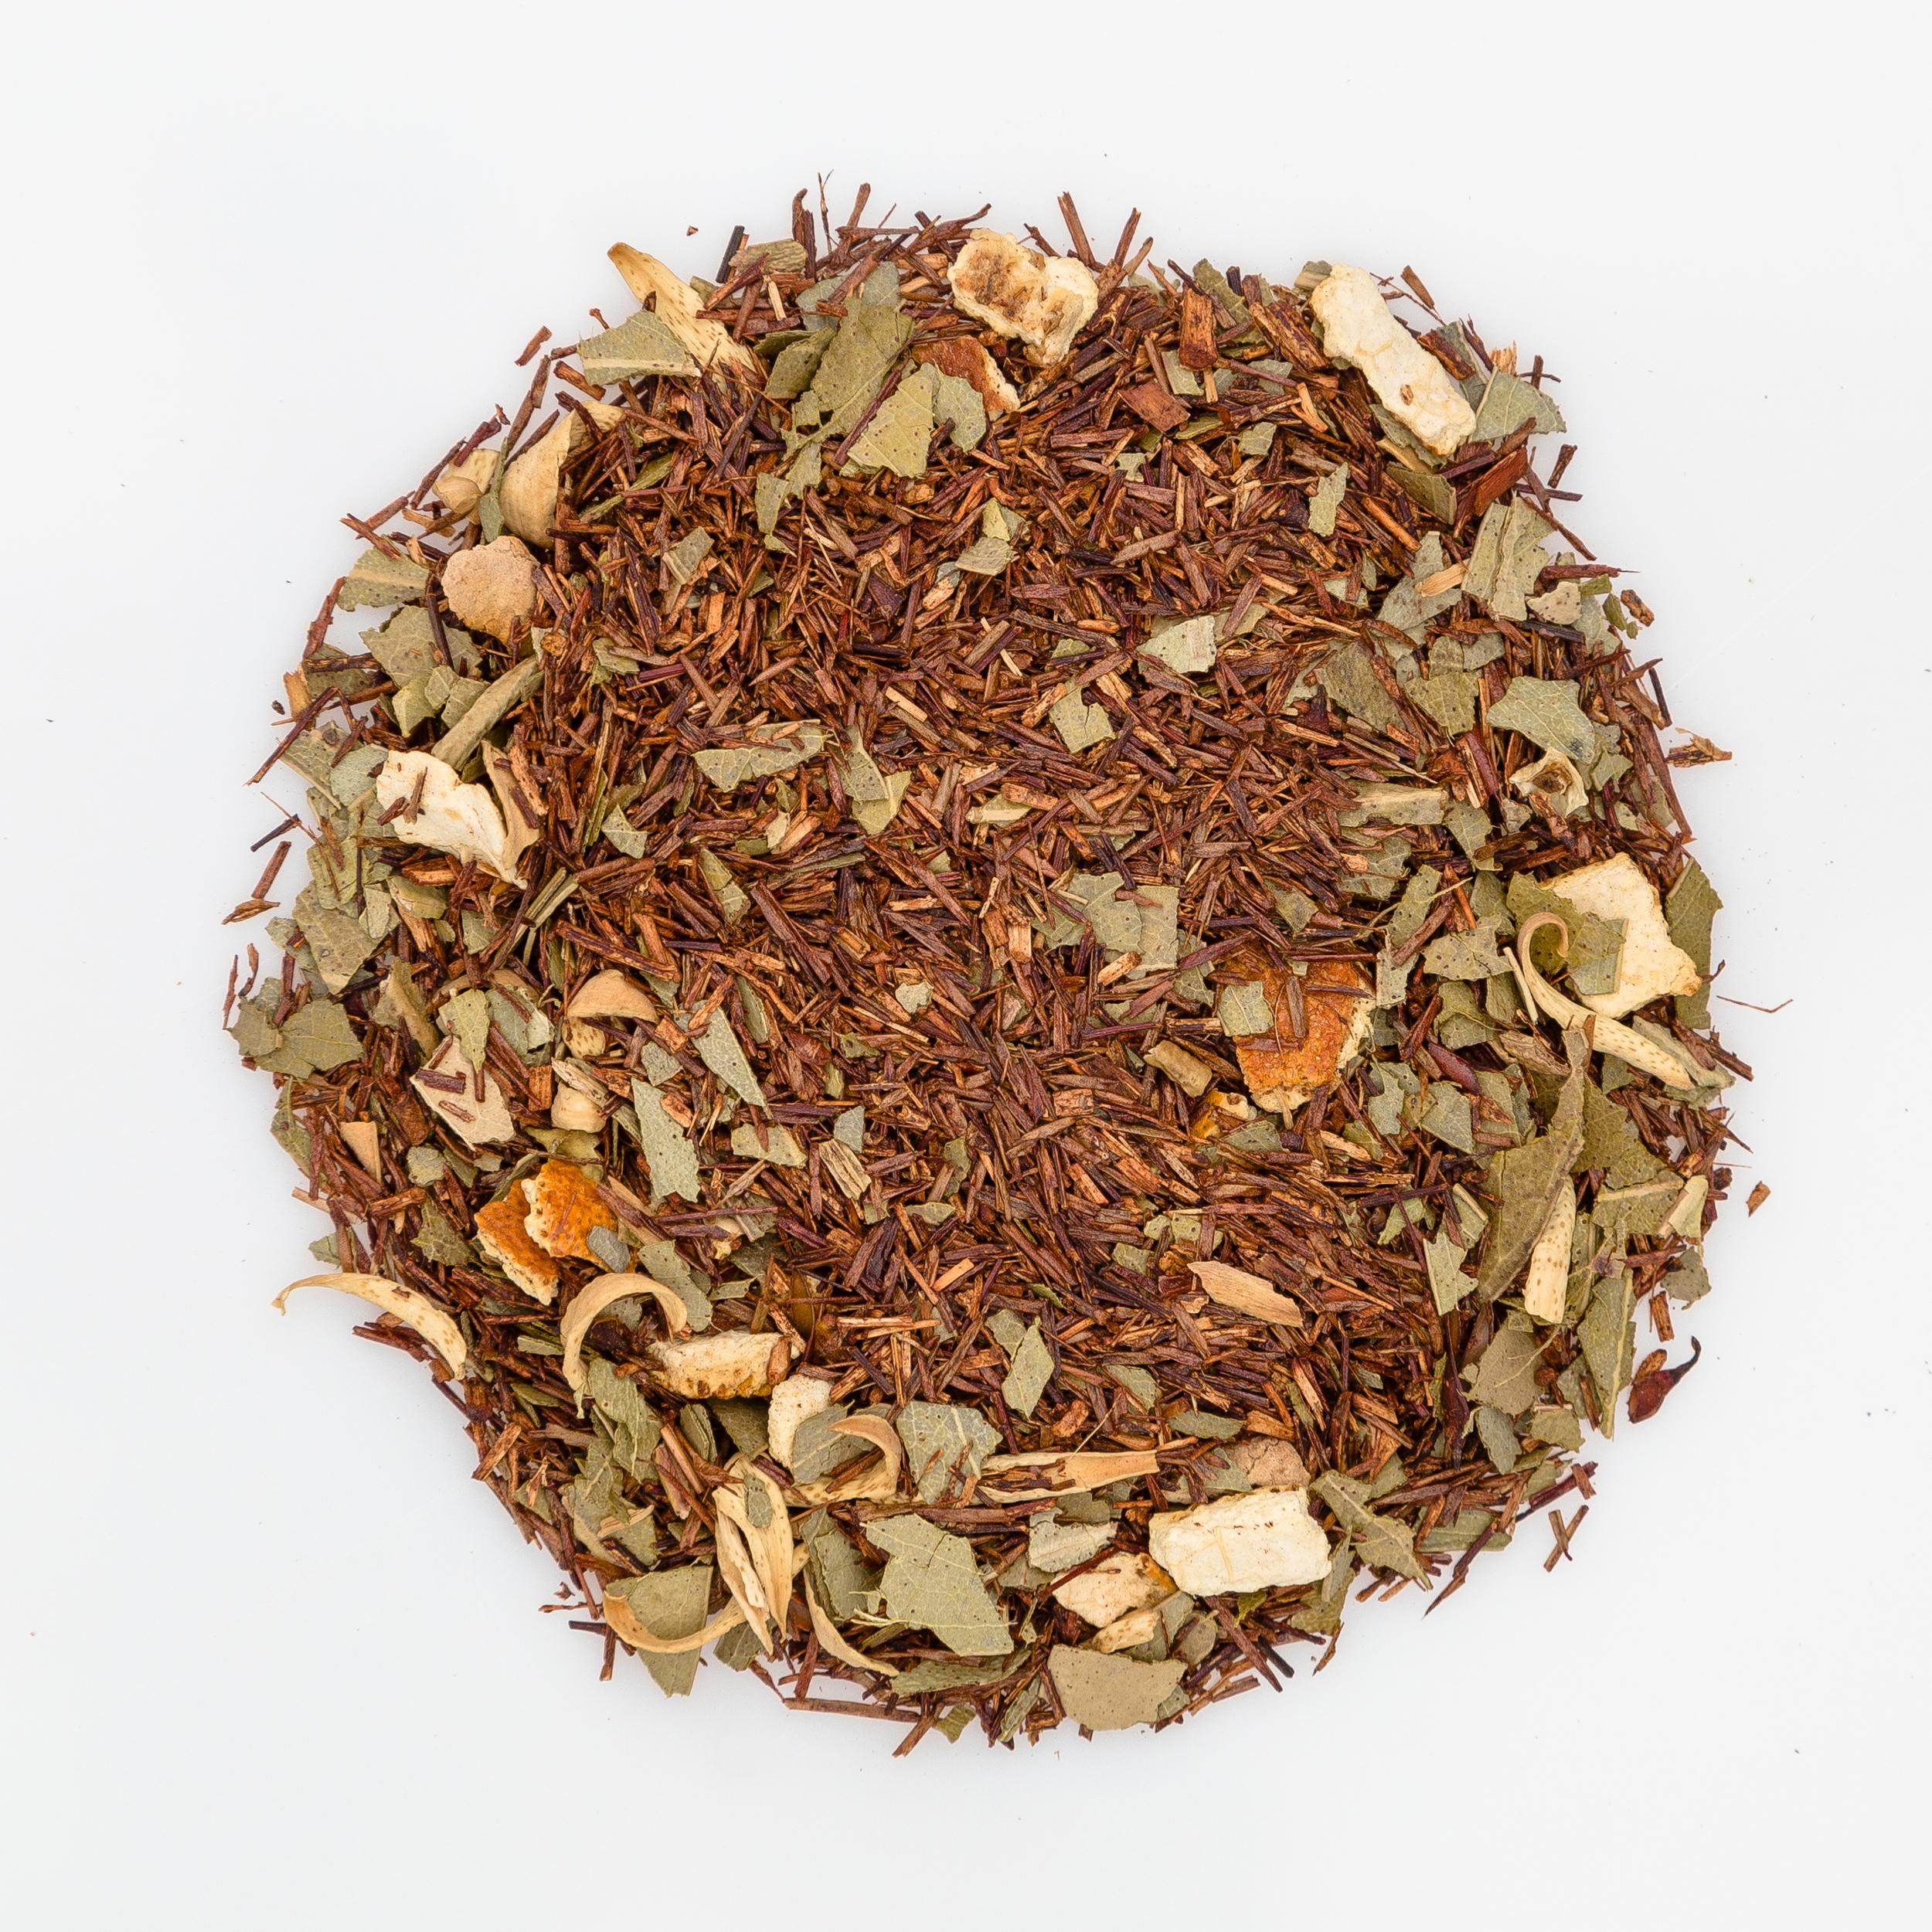 Gorąca herbata najlepsza na upały- mit czy prawda?